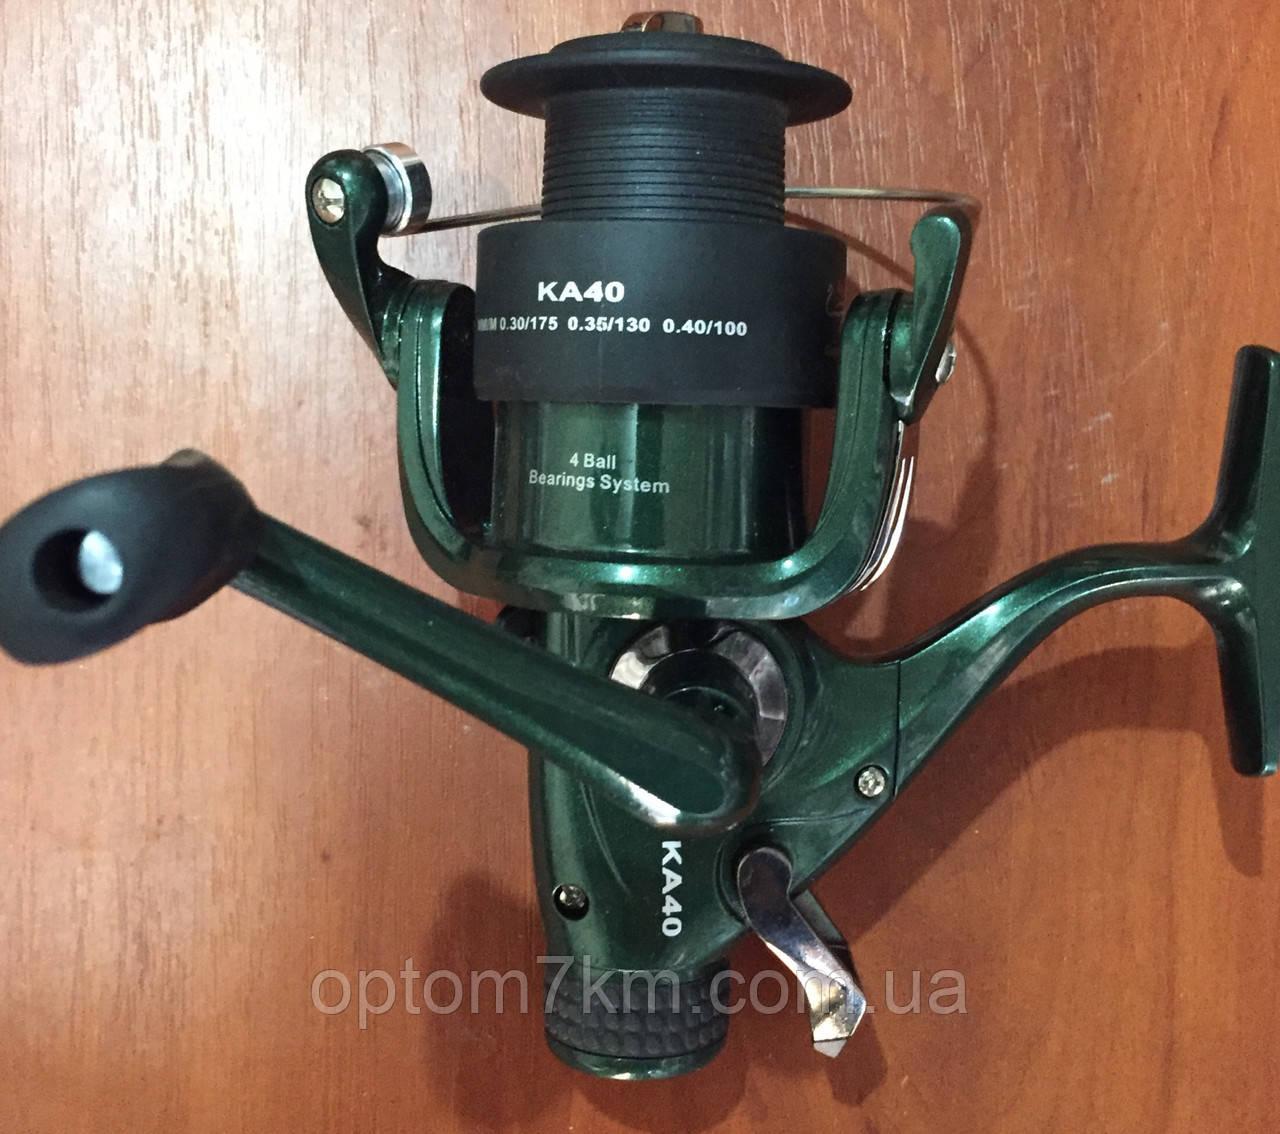 Катушка с байтранером Legend fishing KA-40 4bb